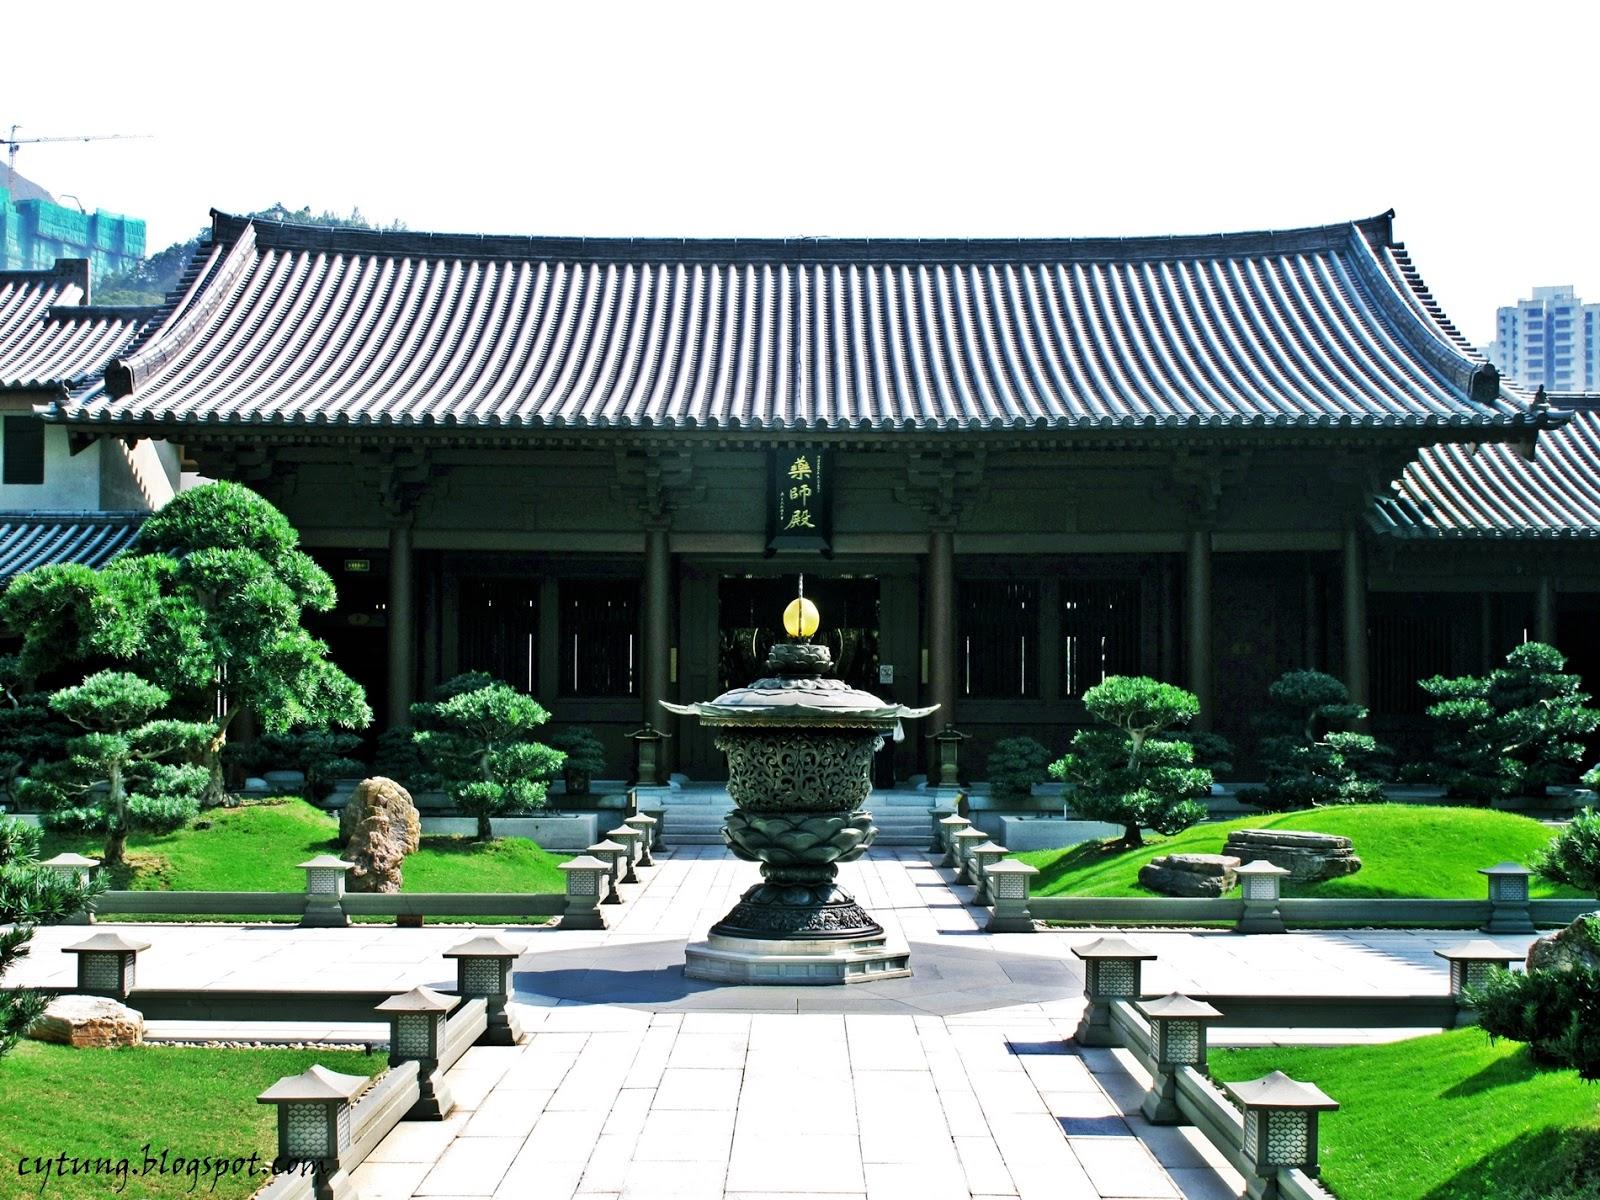 香港 - 志蓮凈苑(Chi Lin Nunnery) - 鰻游の世界